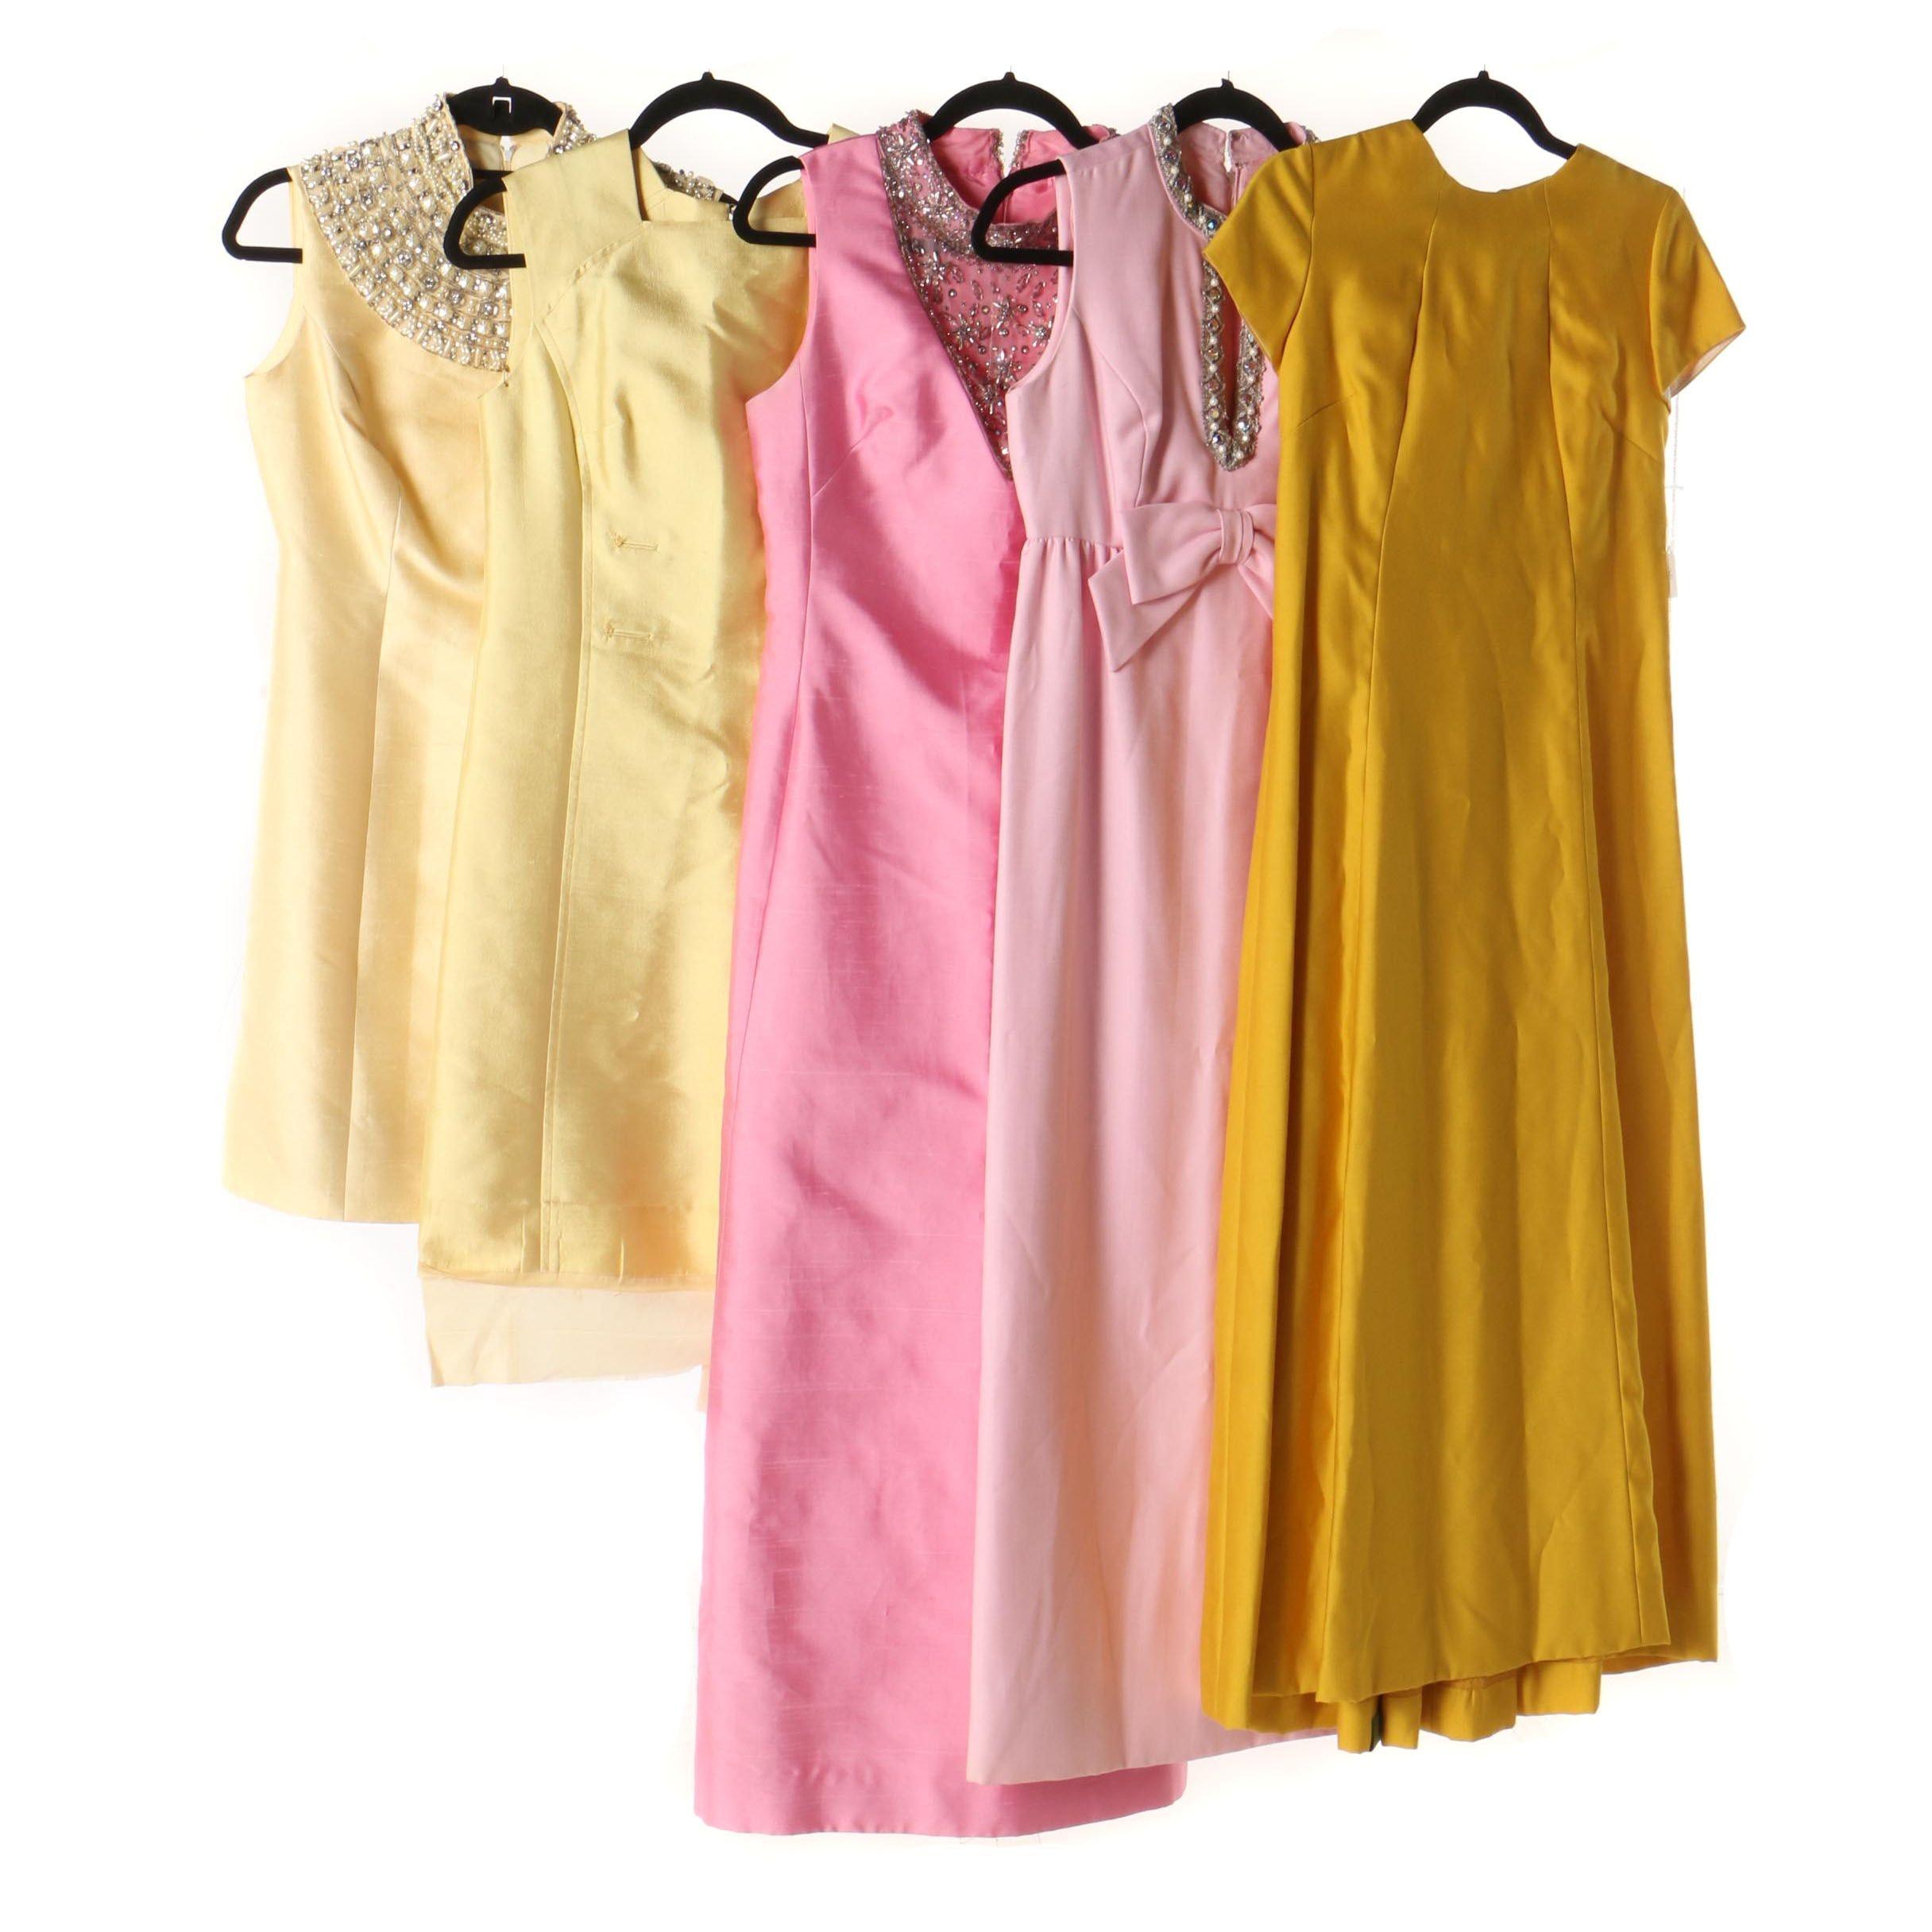 Embellished Gowns Including Jack Bryan Cleopatra Inspired Collar, Vintage